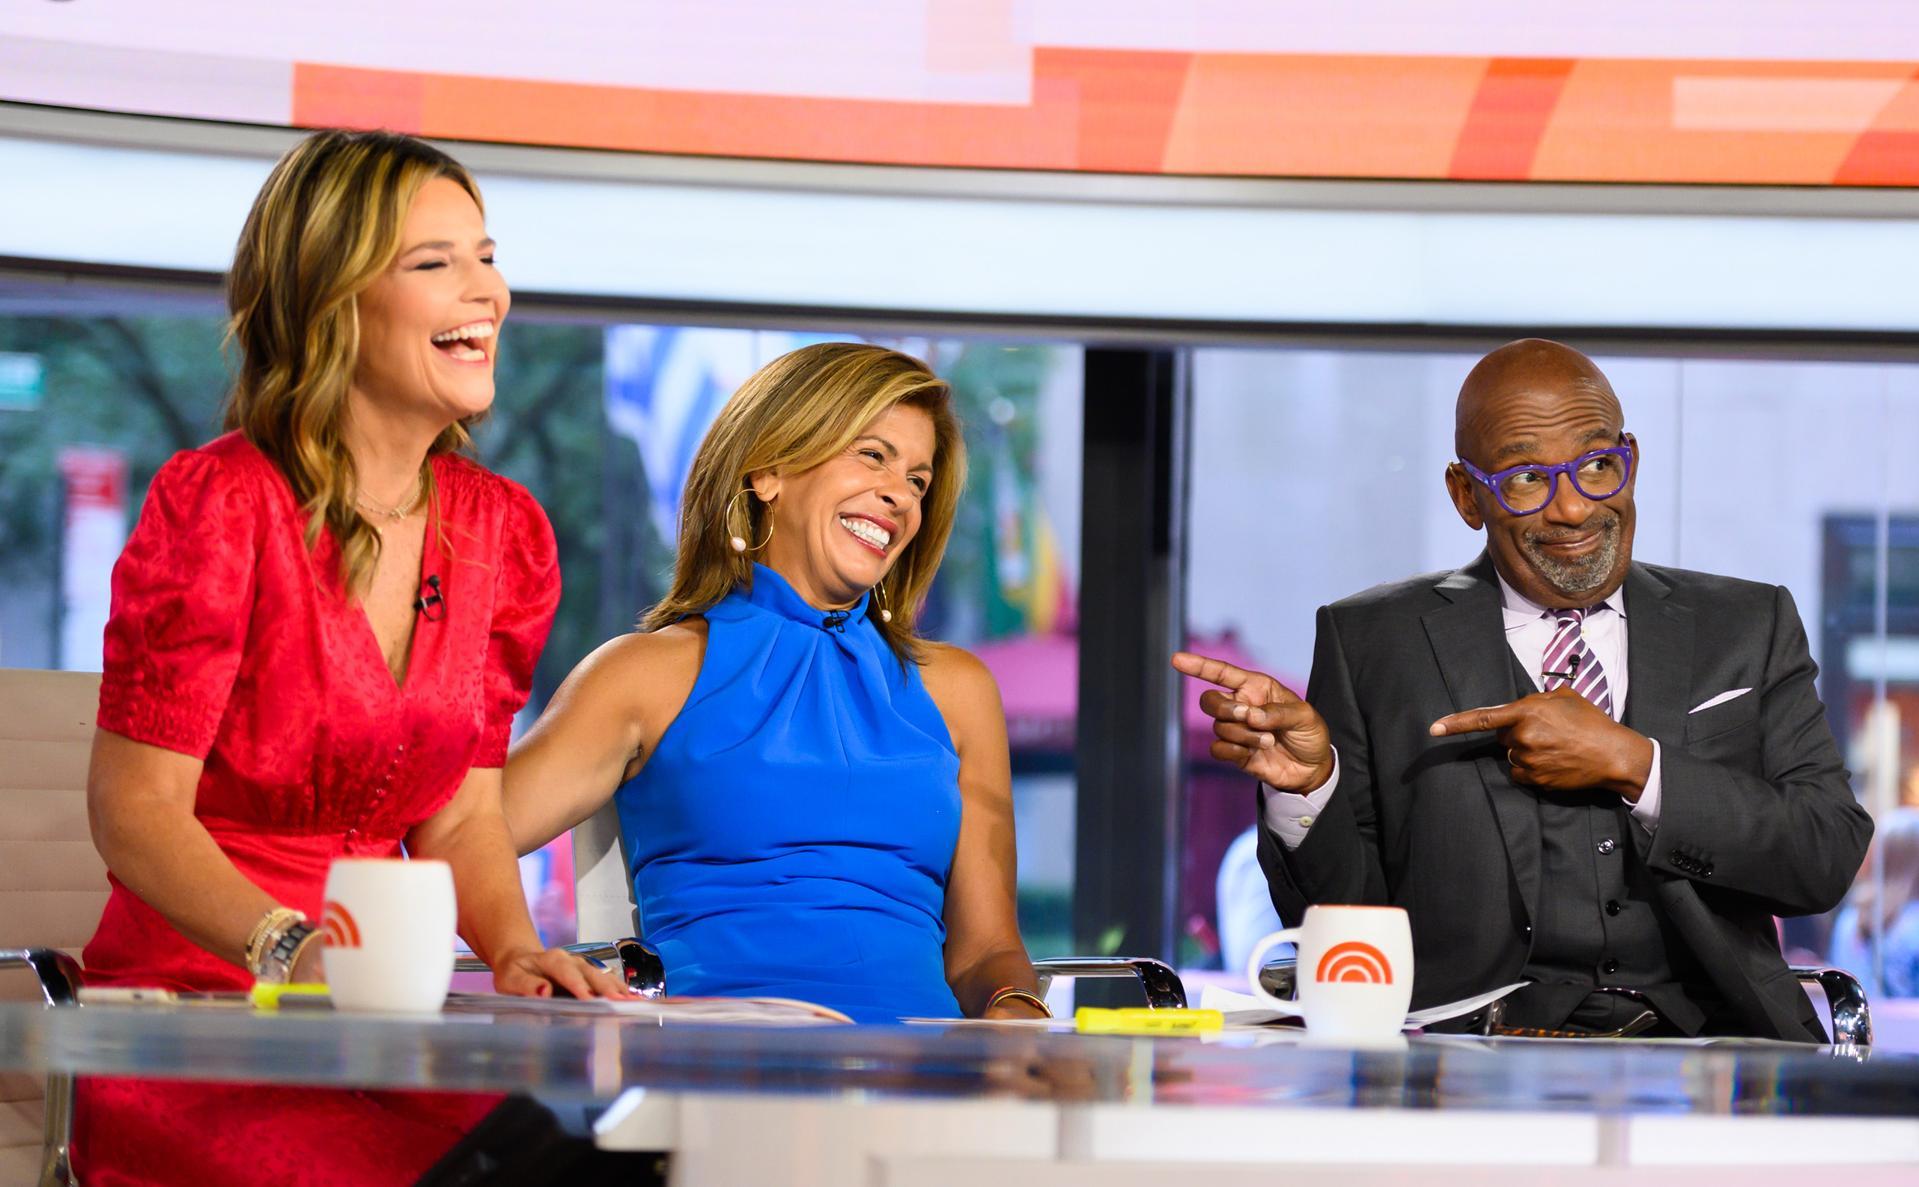 Savannah Guthrie, Hoda Kotb and Al Roker on the Today Show.